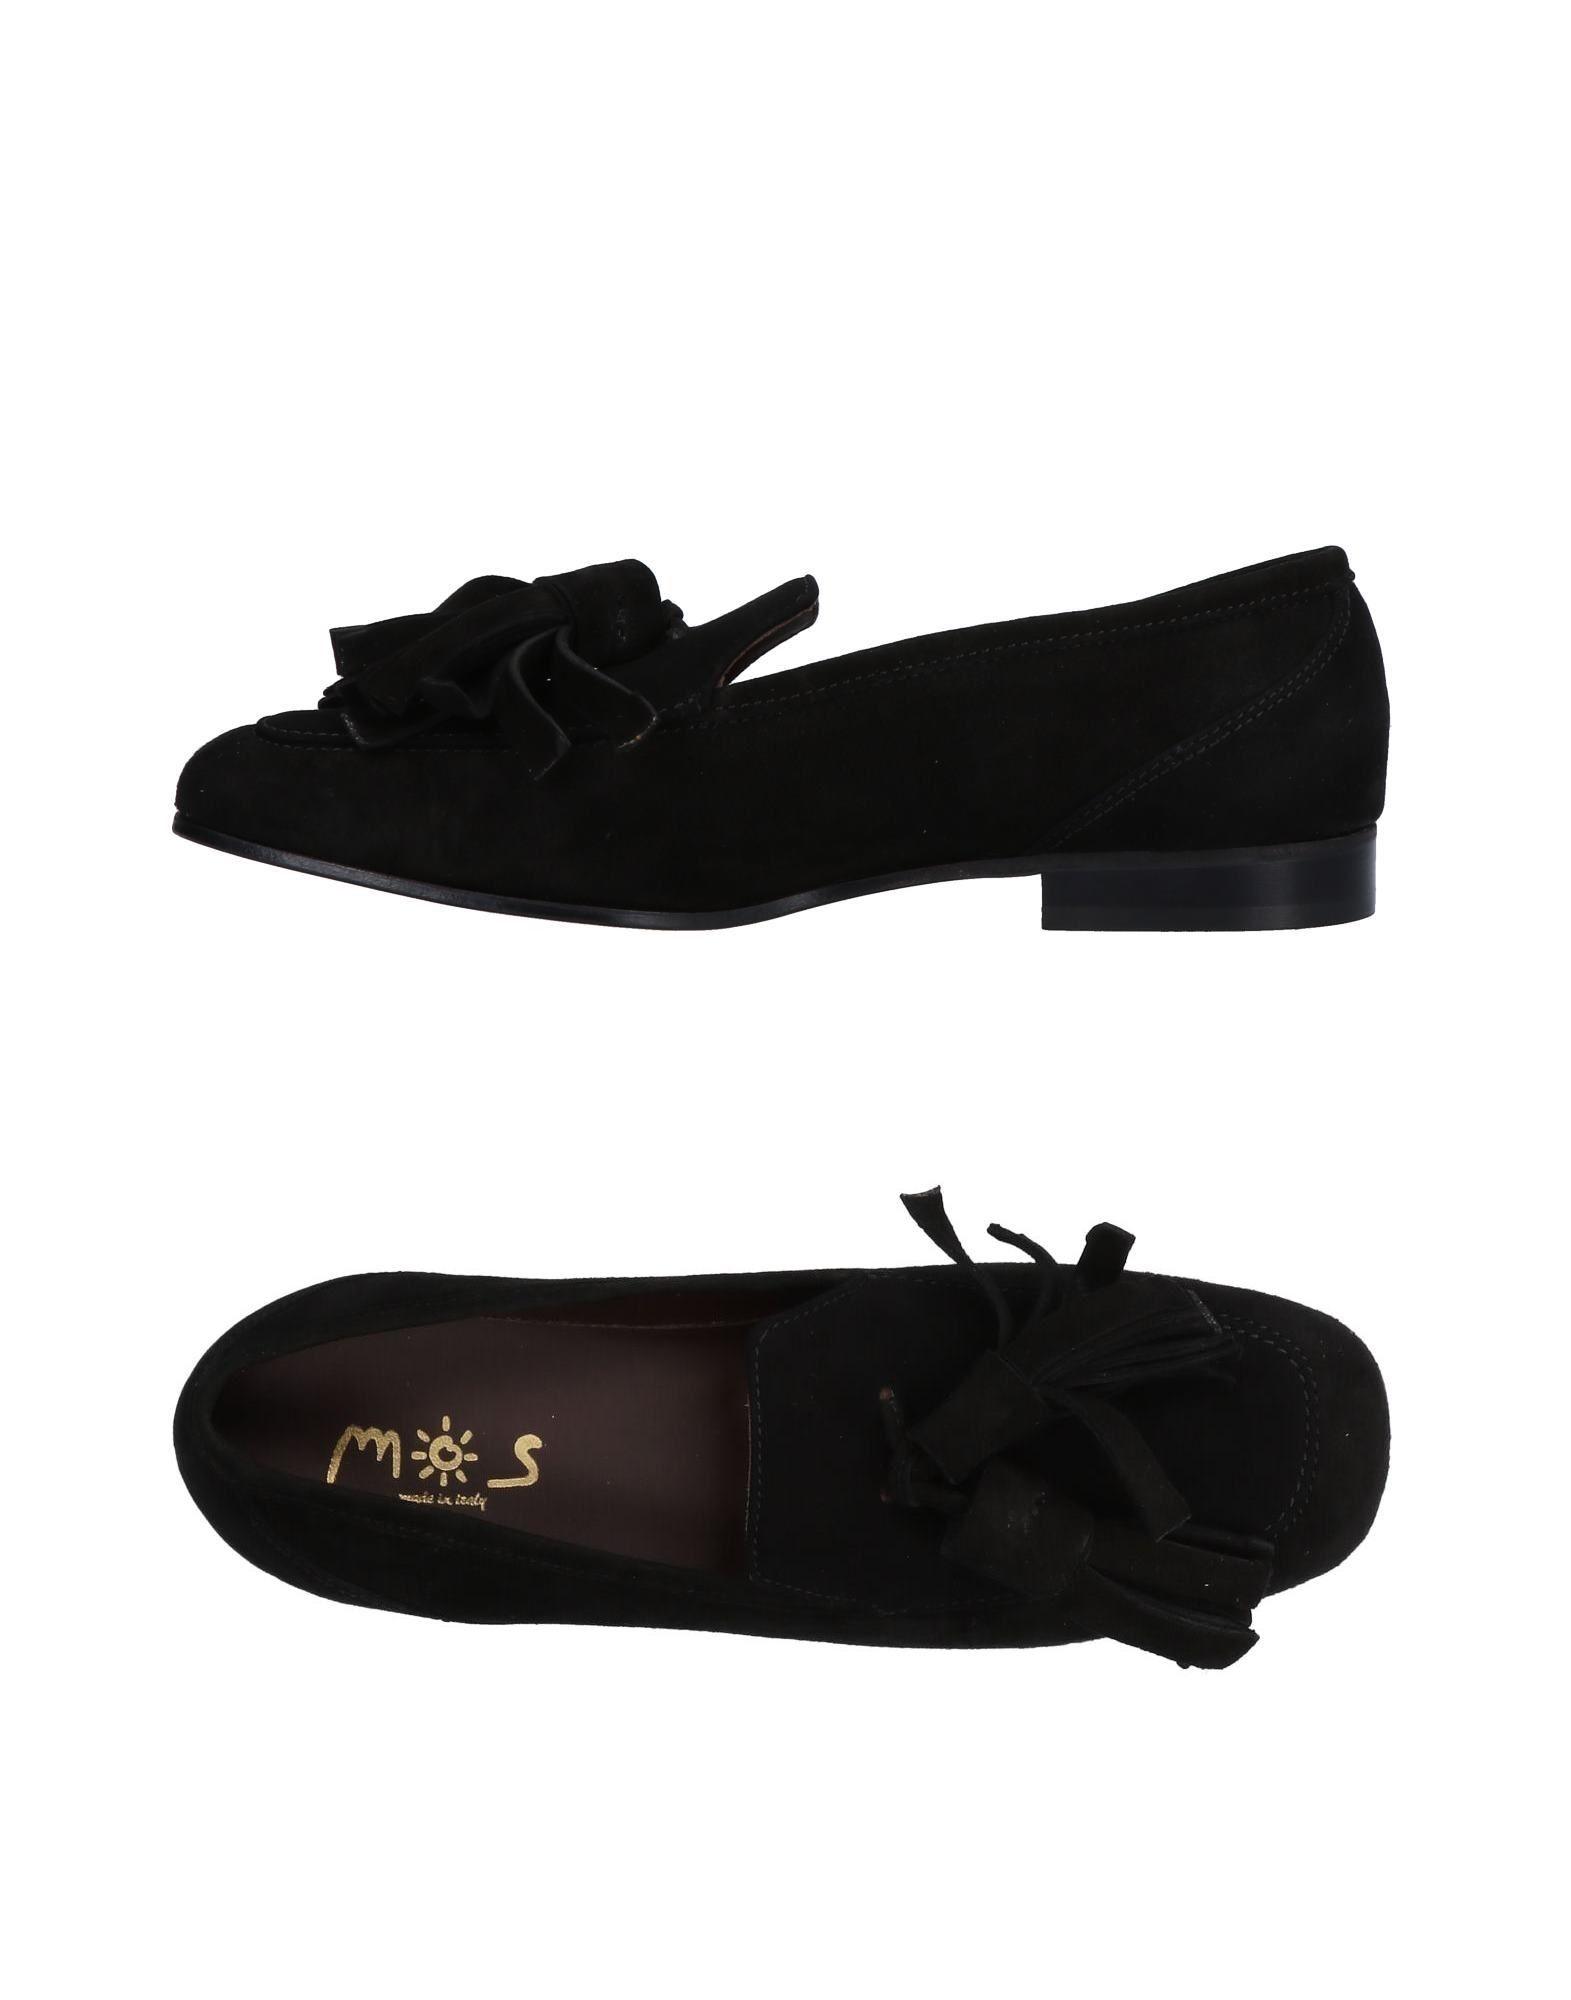 Mos Gute Mokassins Damen  11510938BH Gute Mos Qualität beliebte Schuhe 1a9c33